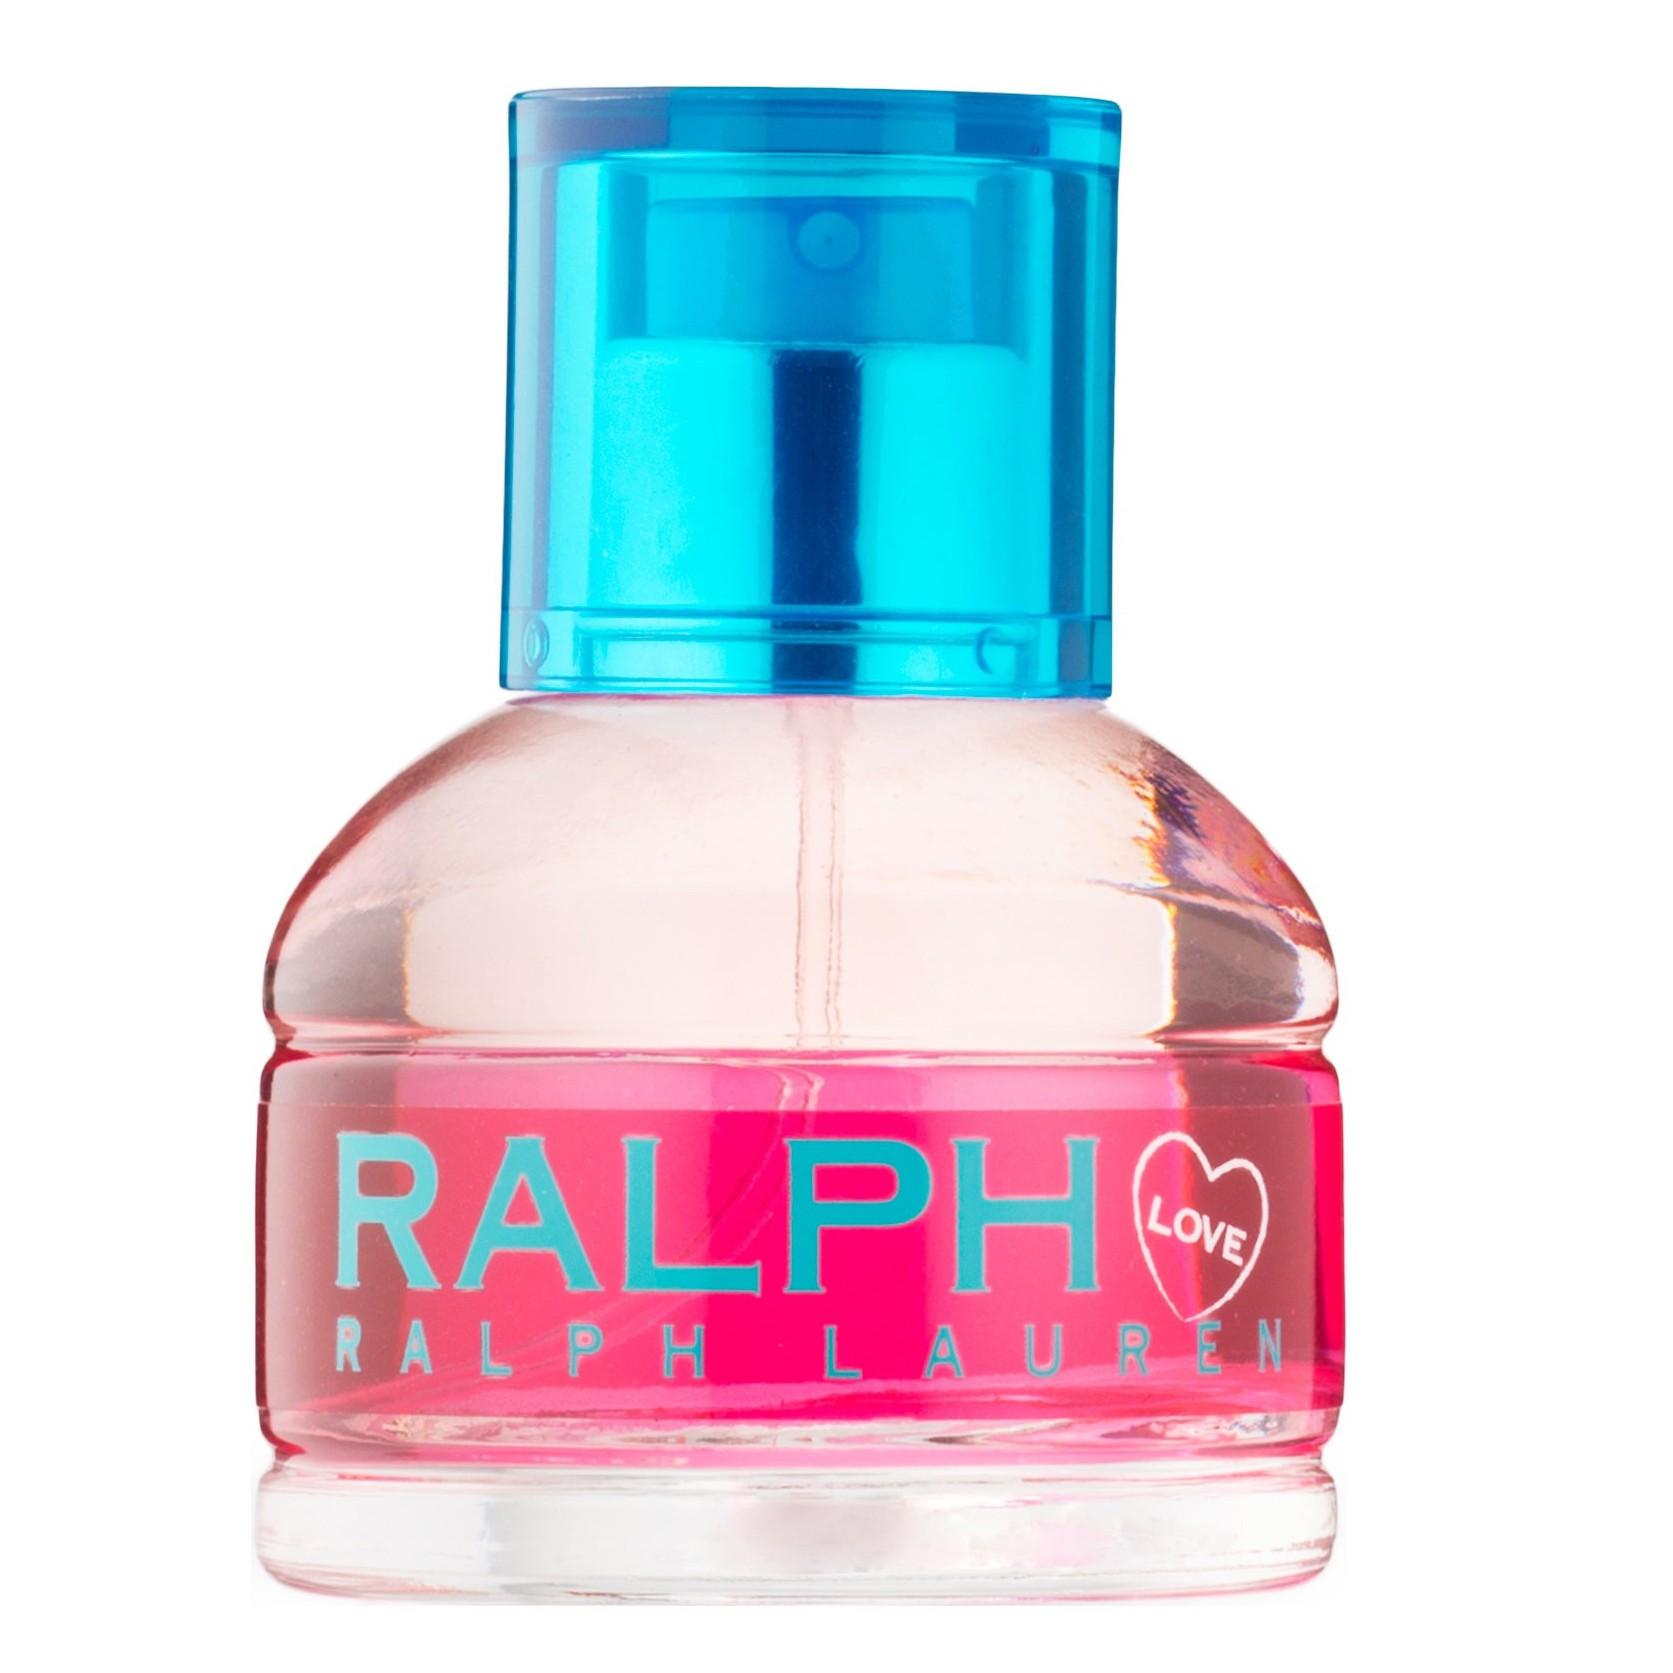 Ralph Lauren Ralph Love аромат для женщин